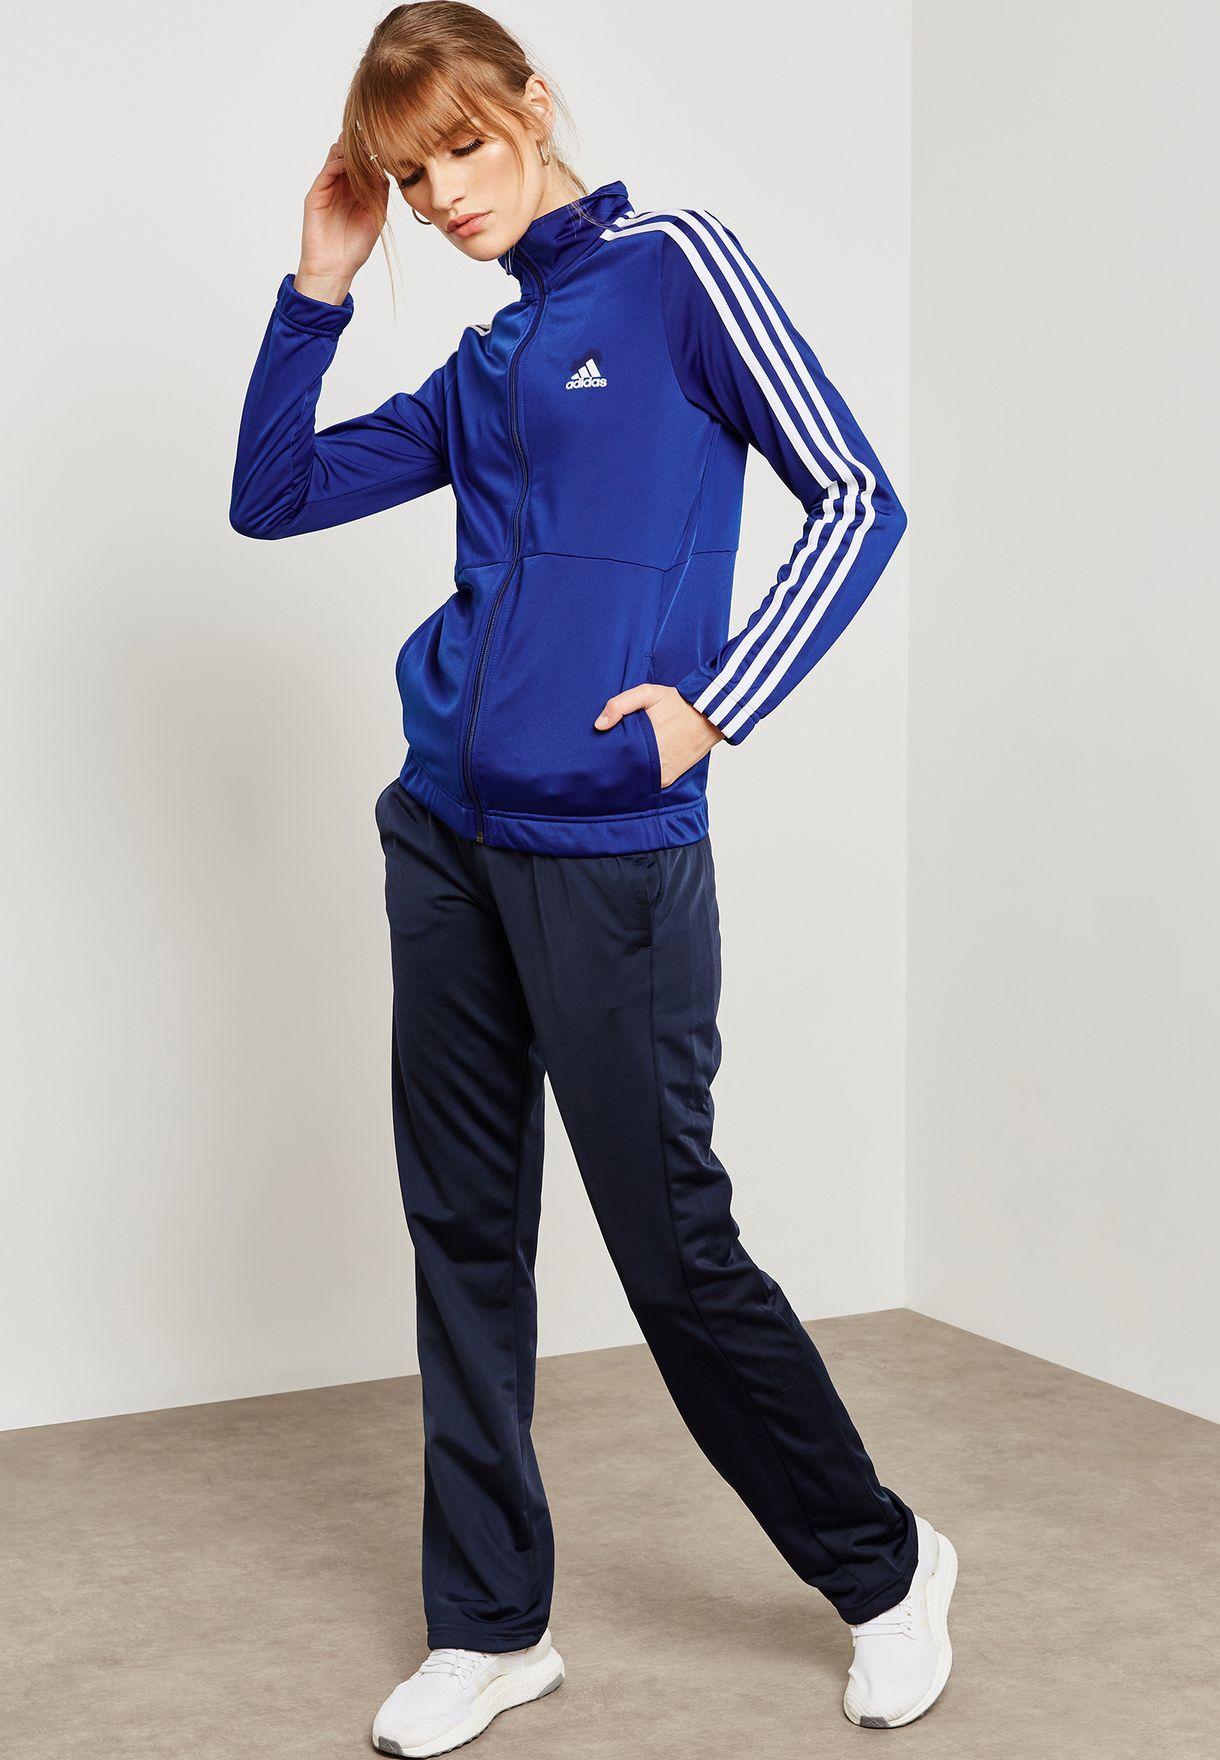 Buzo Adidas Mujer #CZ2327